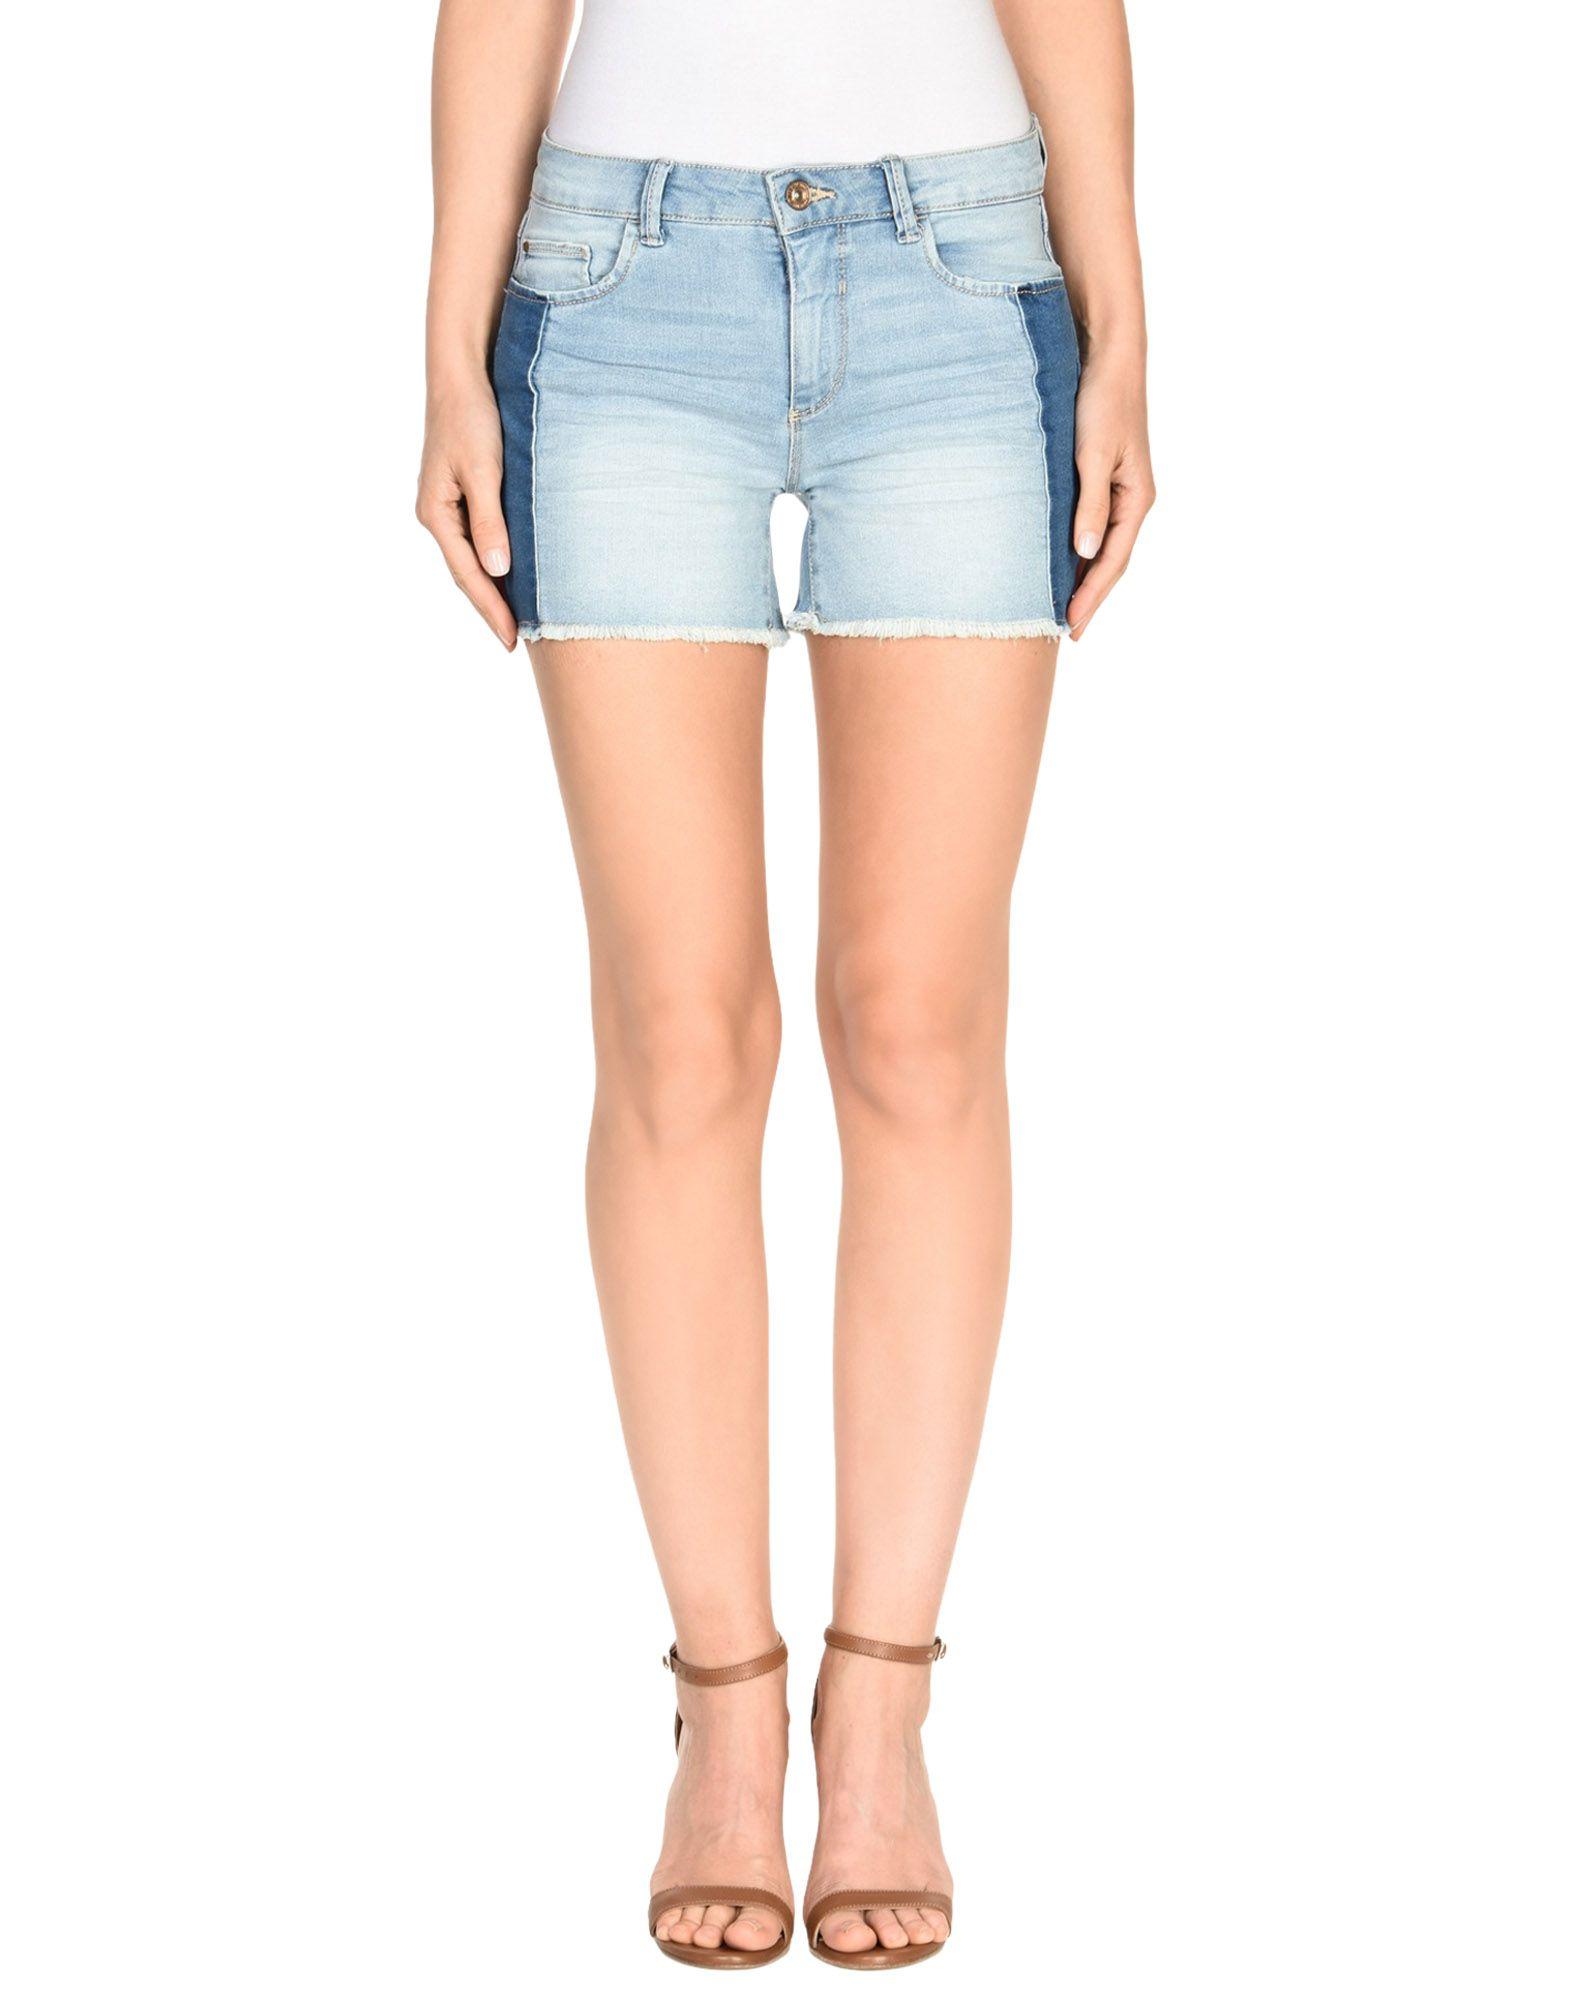 ONLY Джинсовые шорты superfine джинсовые шорты